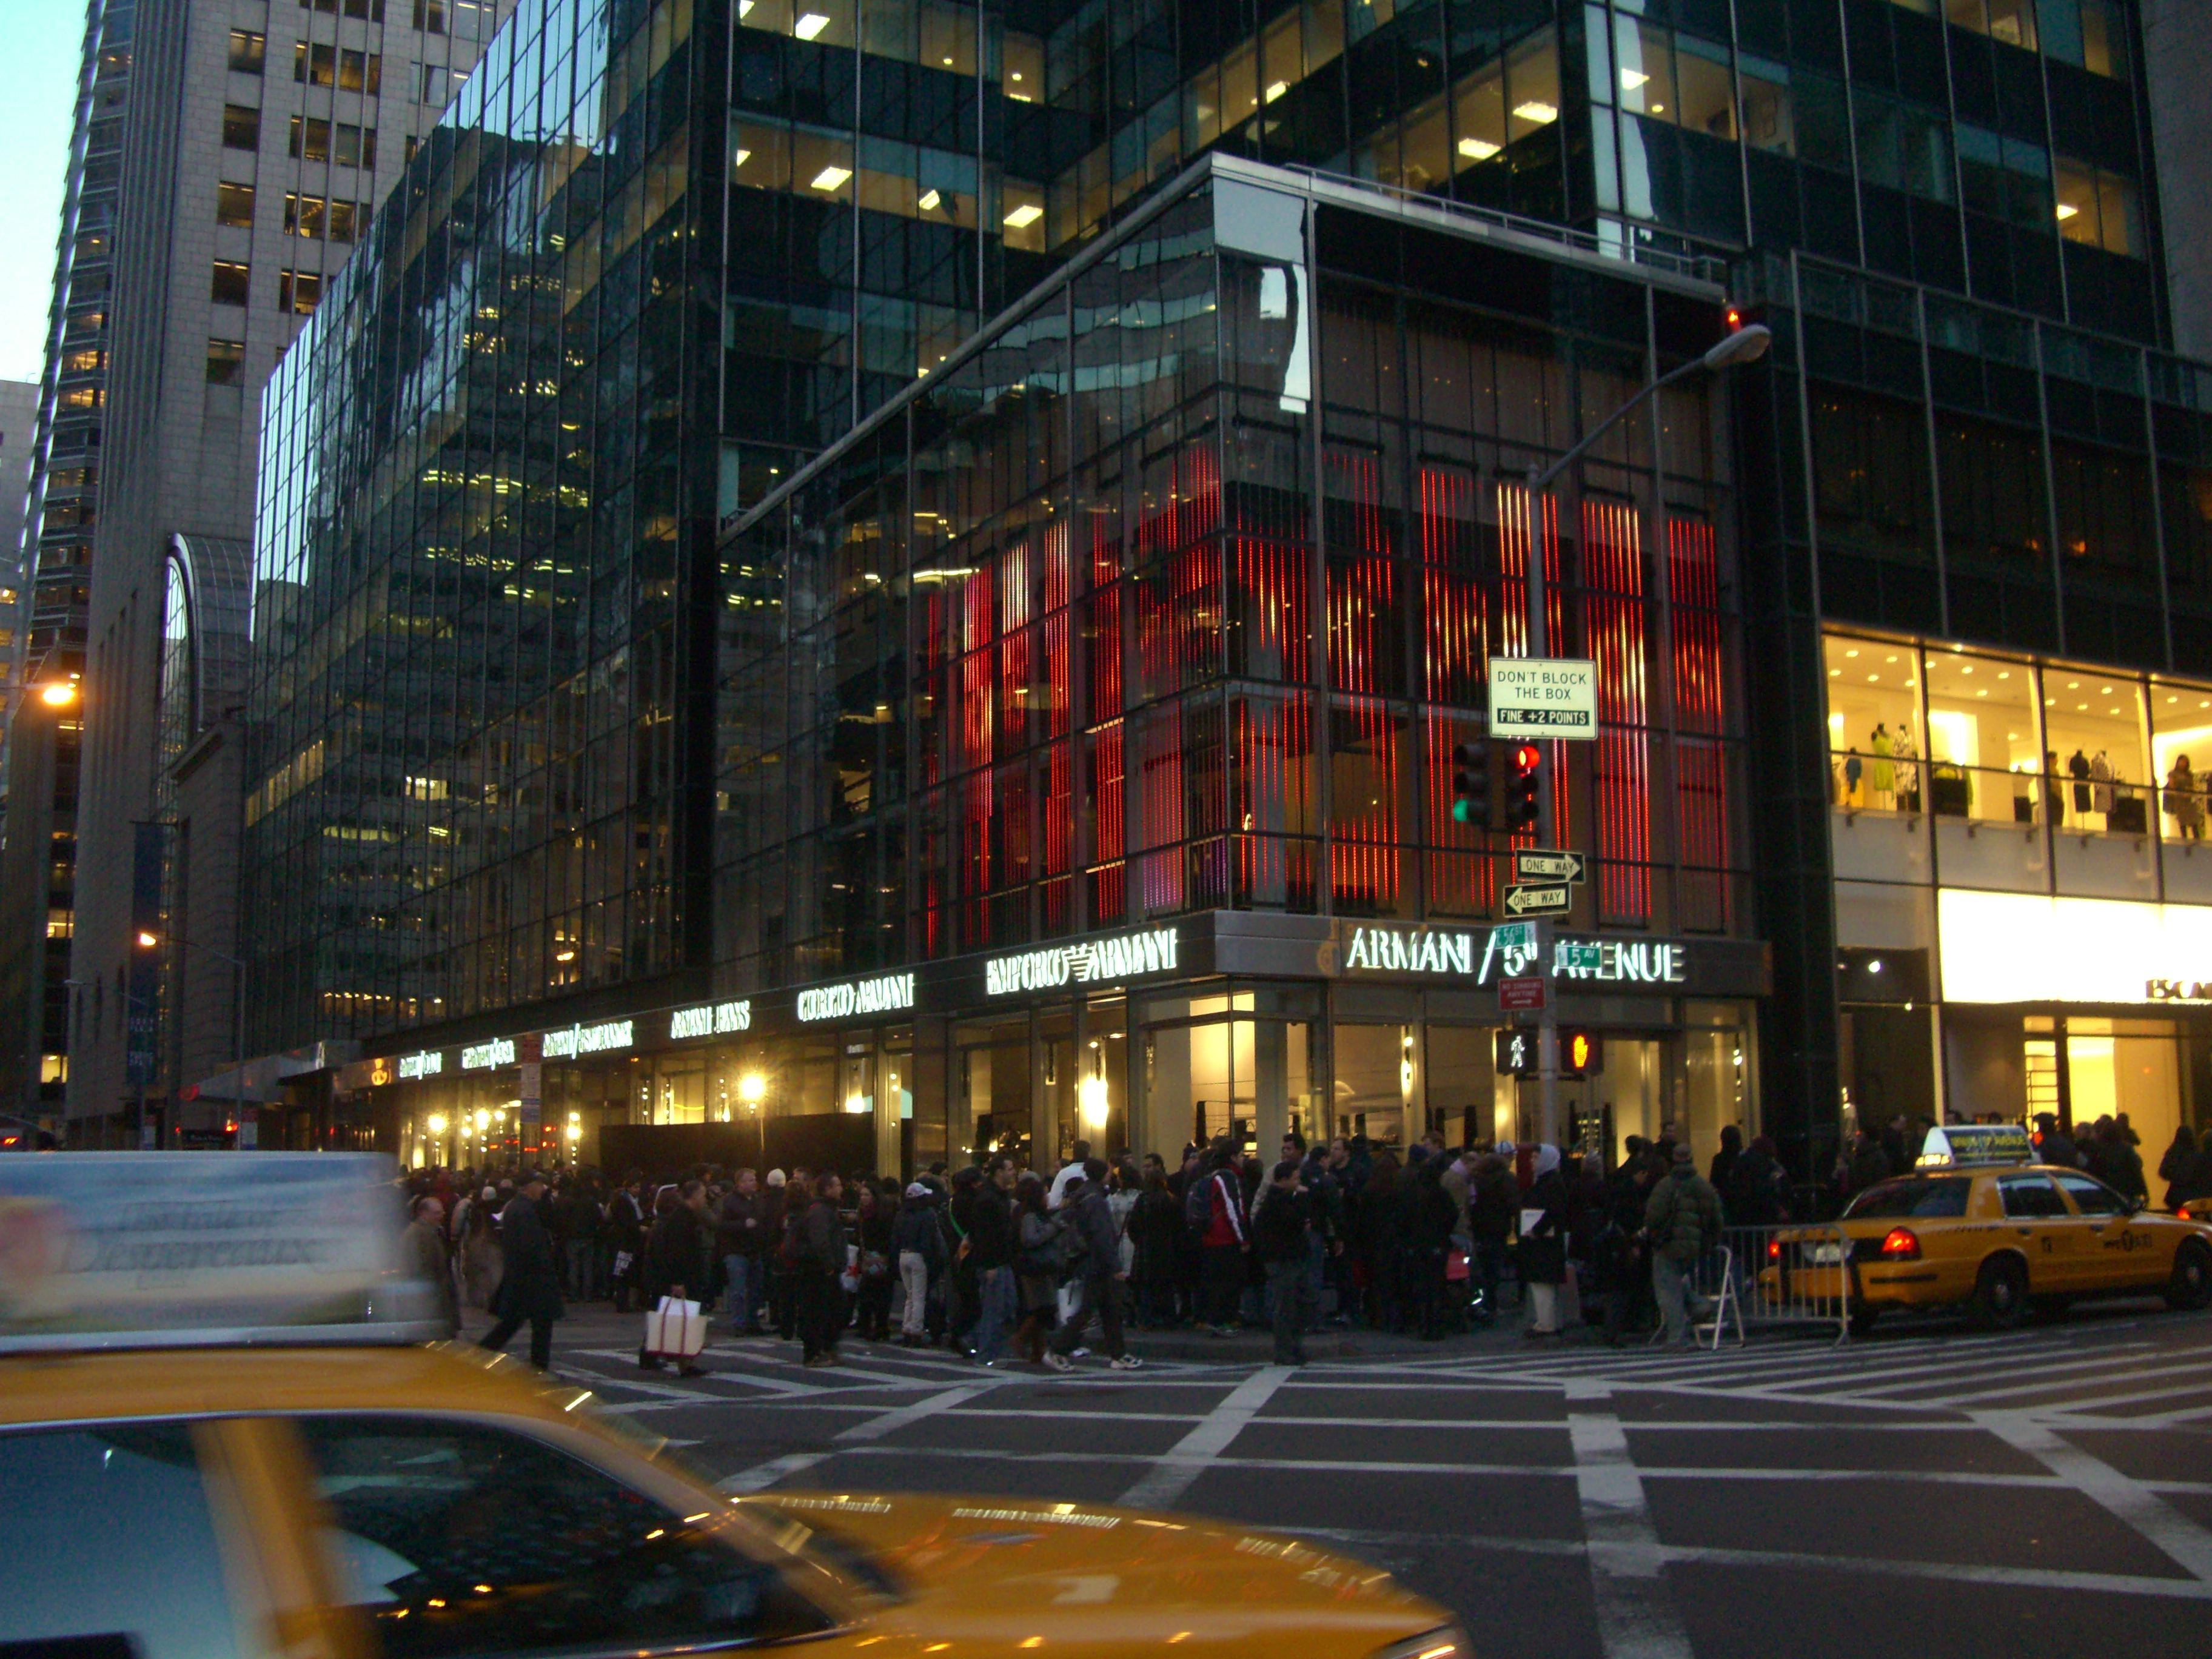 Armani 5th avenue studio di ingegneria sarti for Armani store nyc